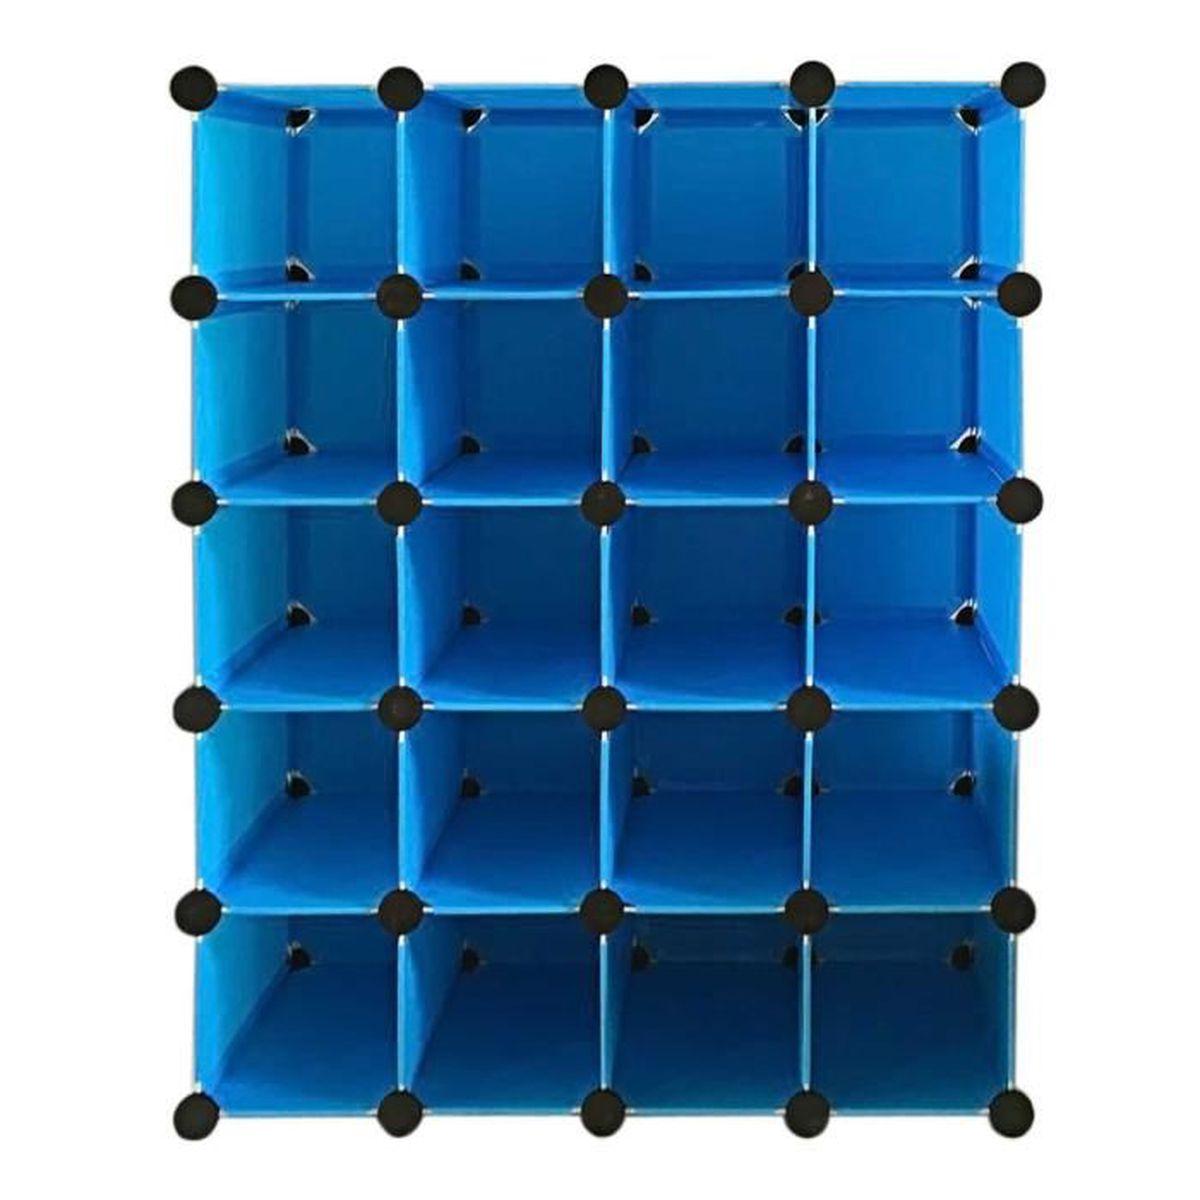 Armoire rangement placard organisateur 16 paires de cube achat vente armo - Cdiscount armoire de rangement ...